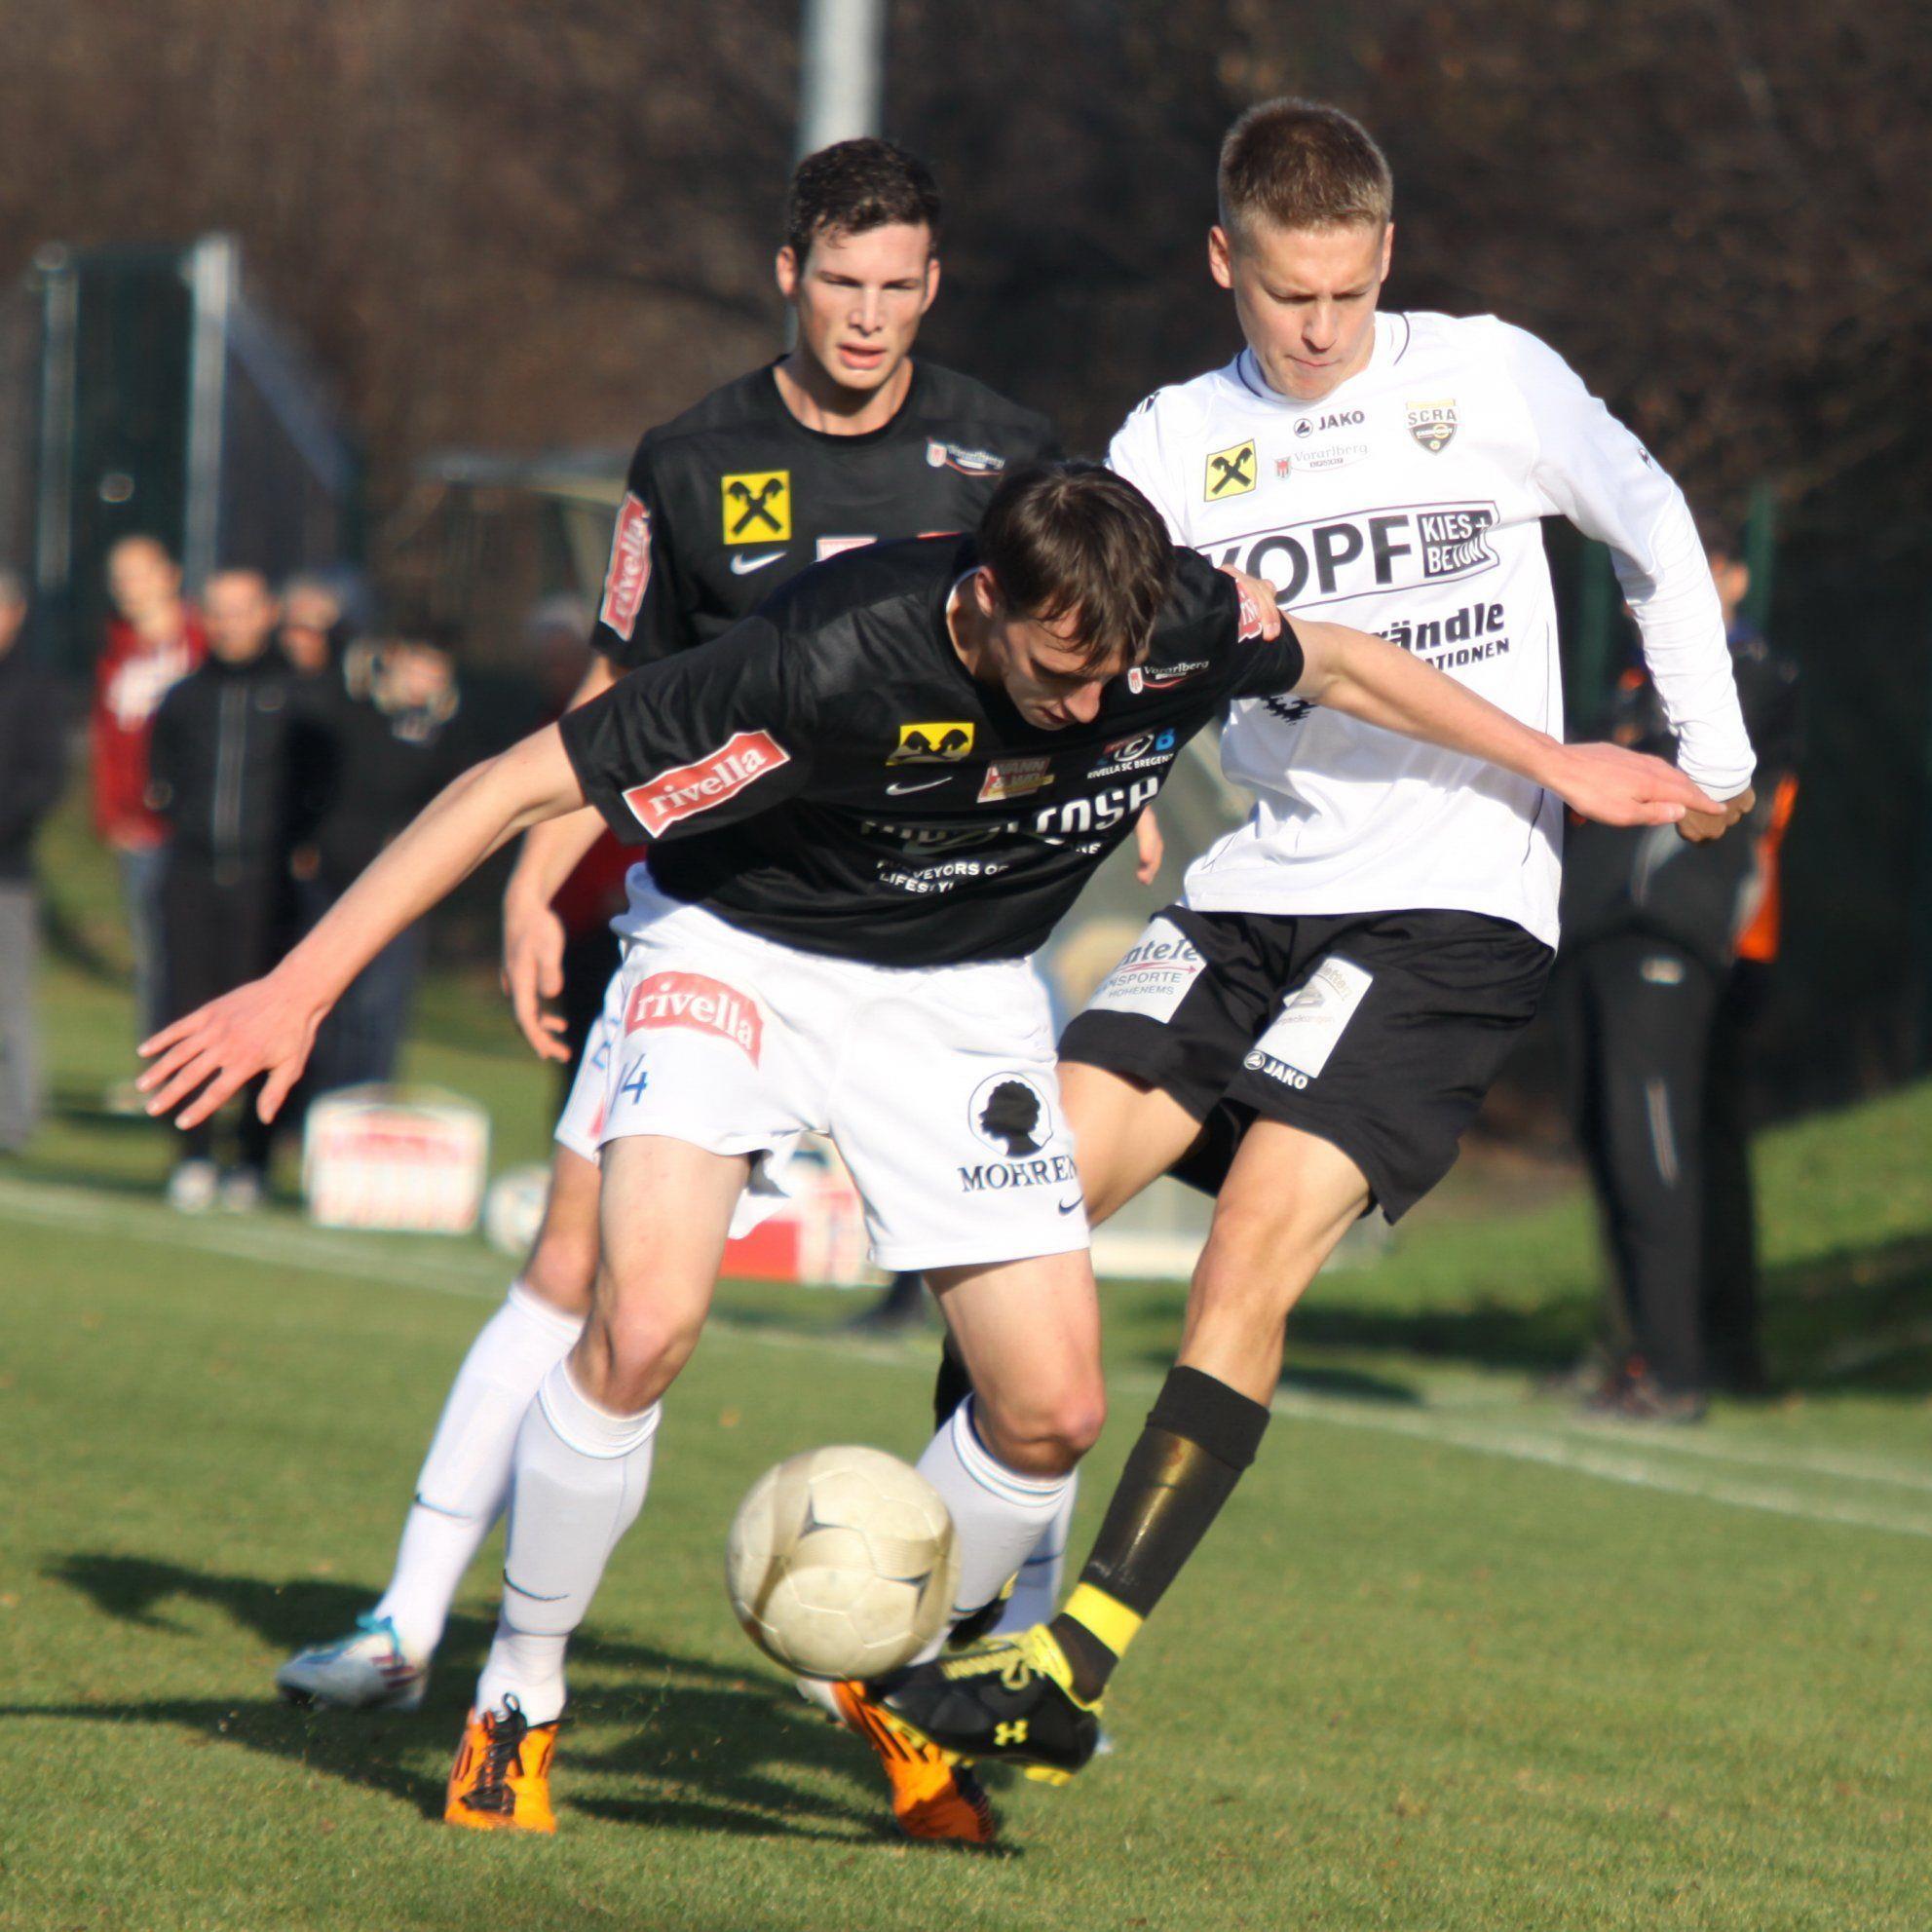 Mathias Einsle schoss das 1:0 für rivella SC Bregre